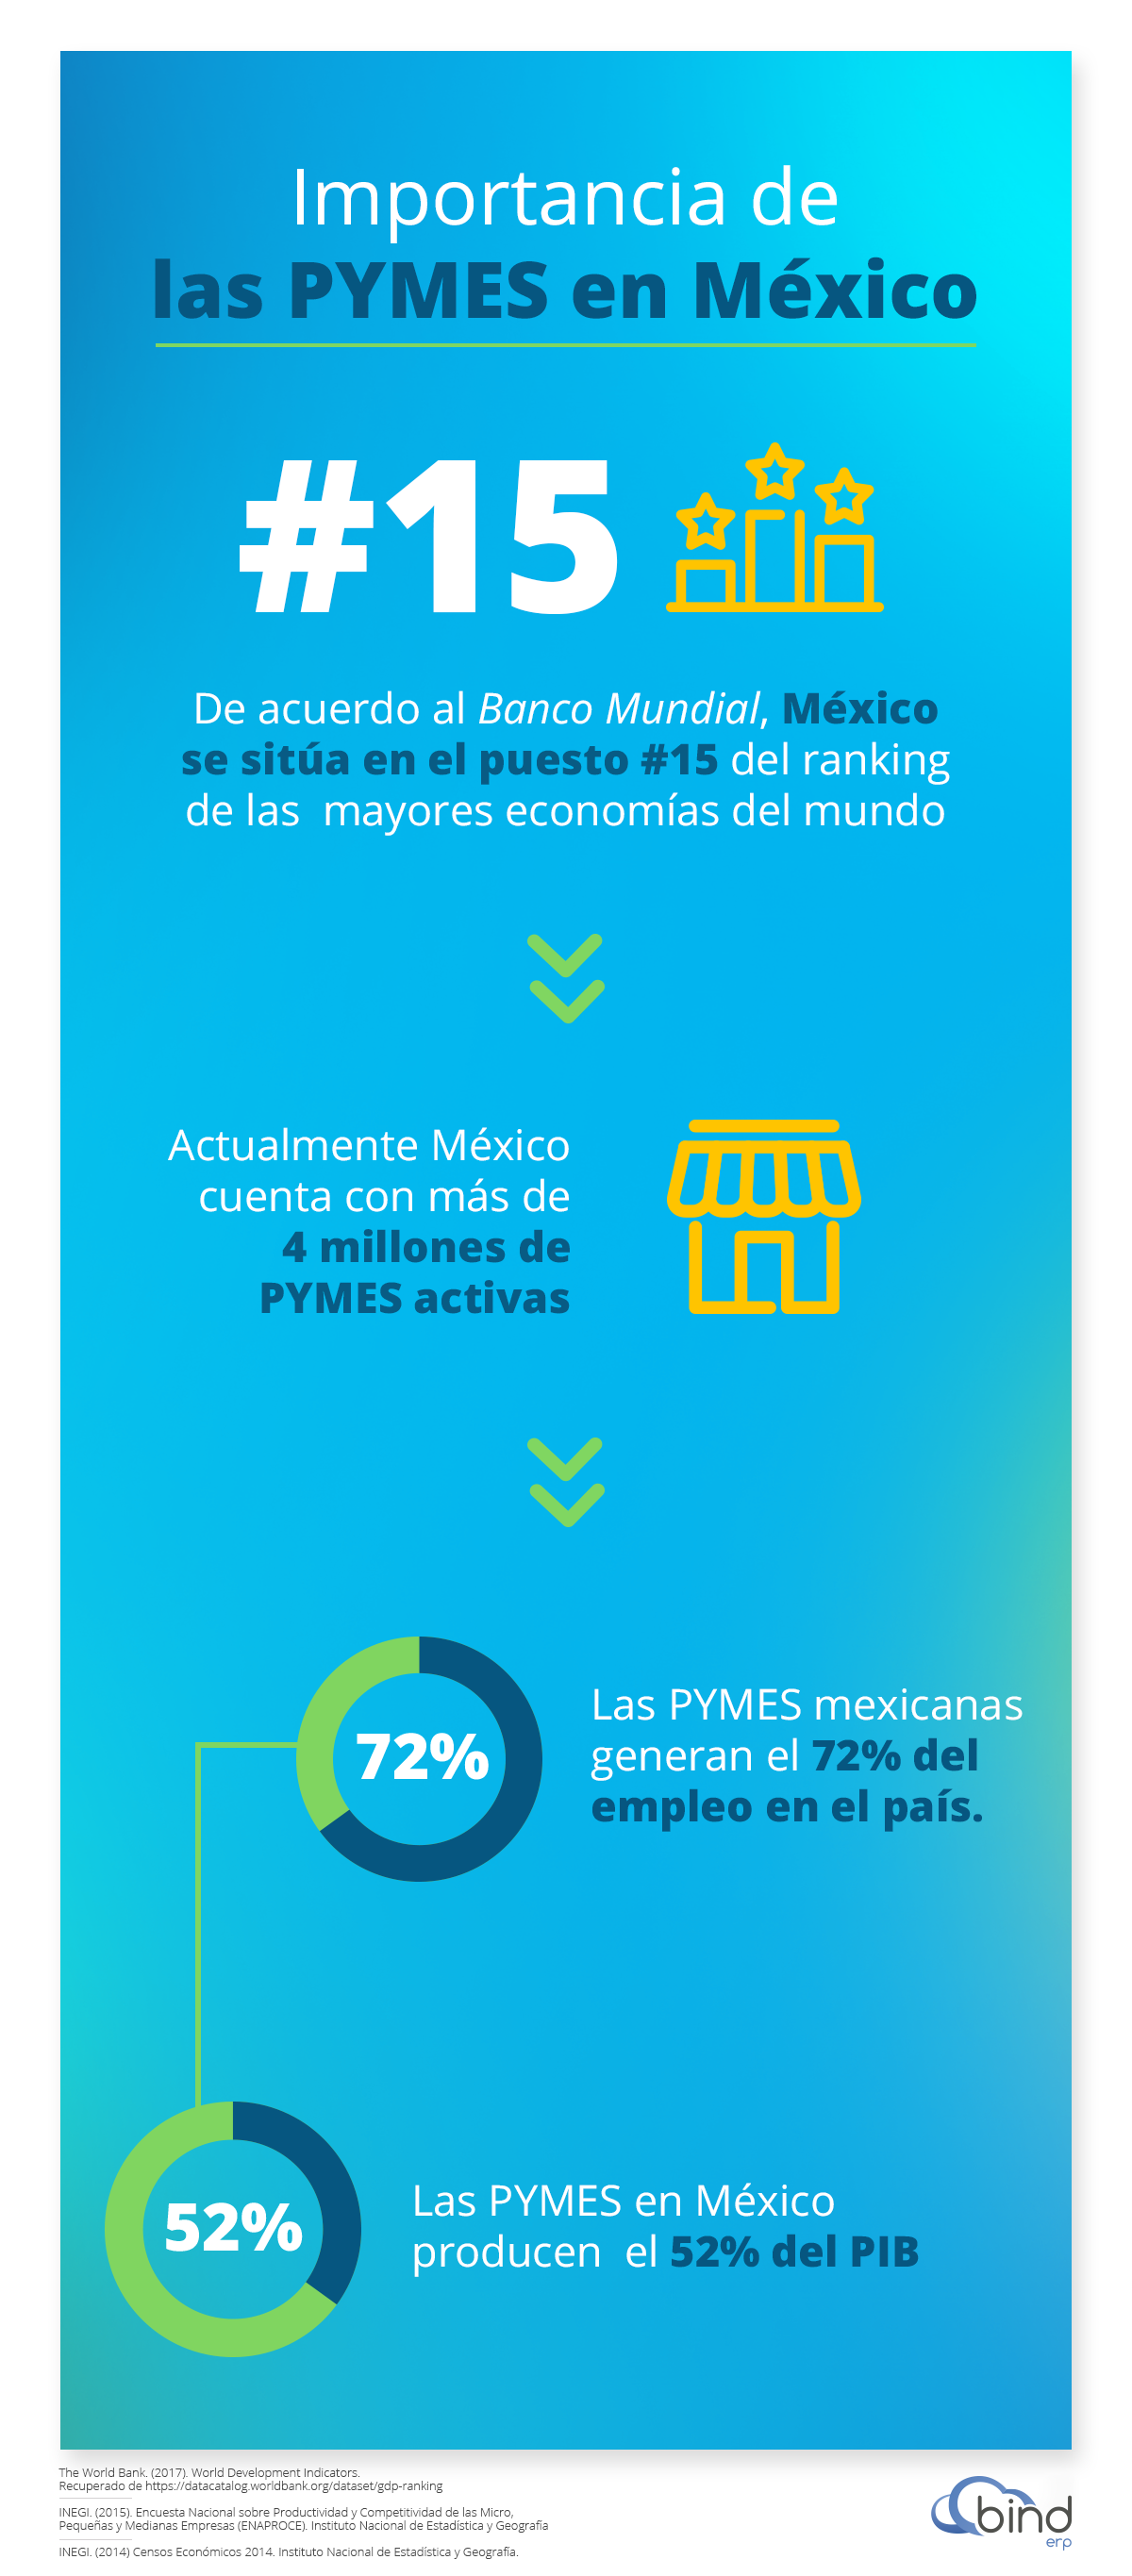 Importancia de las PYMES en Mexico